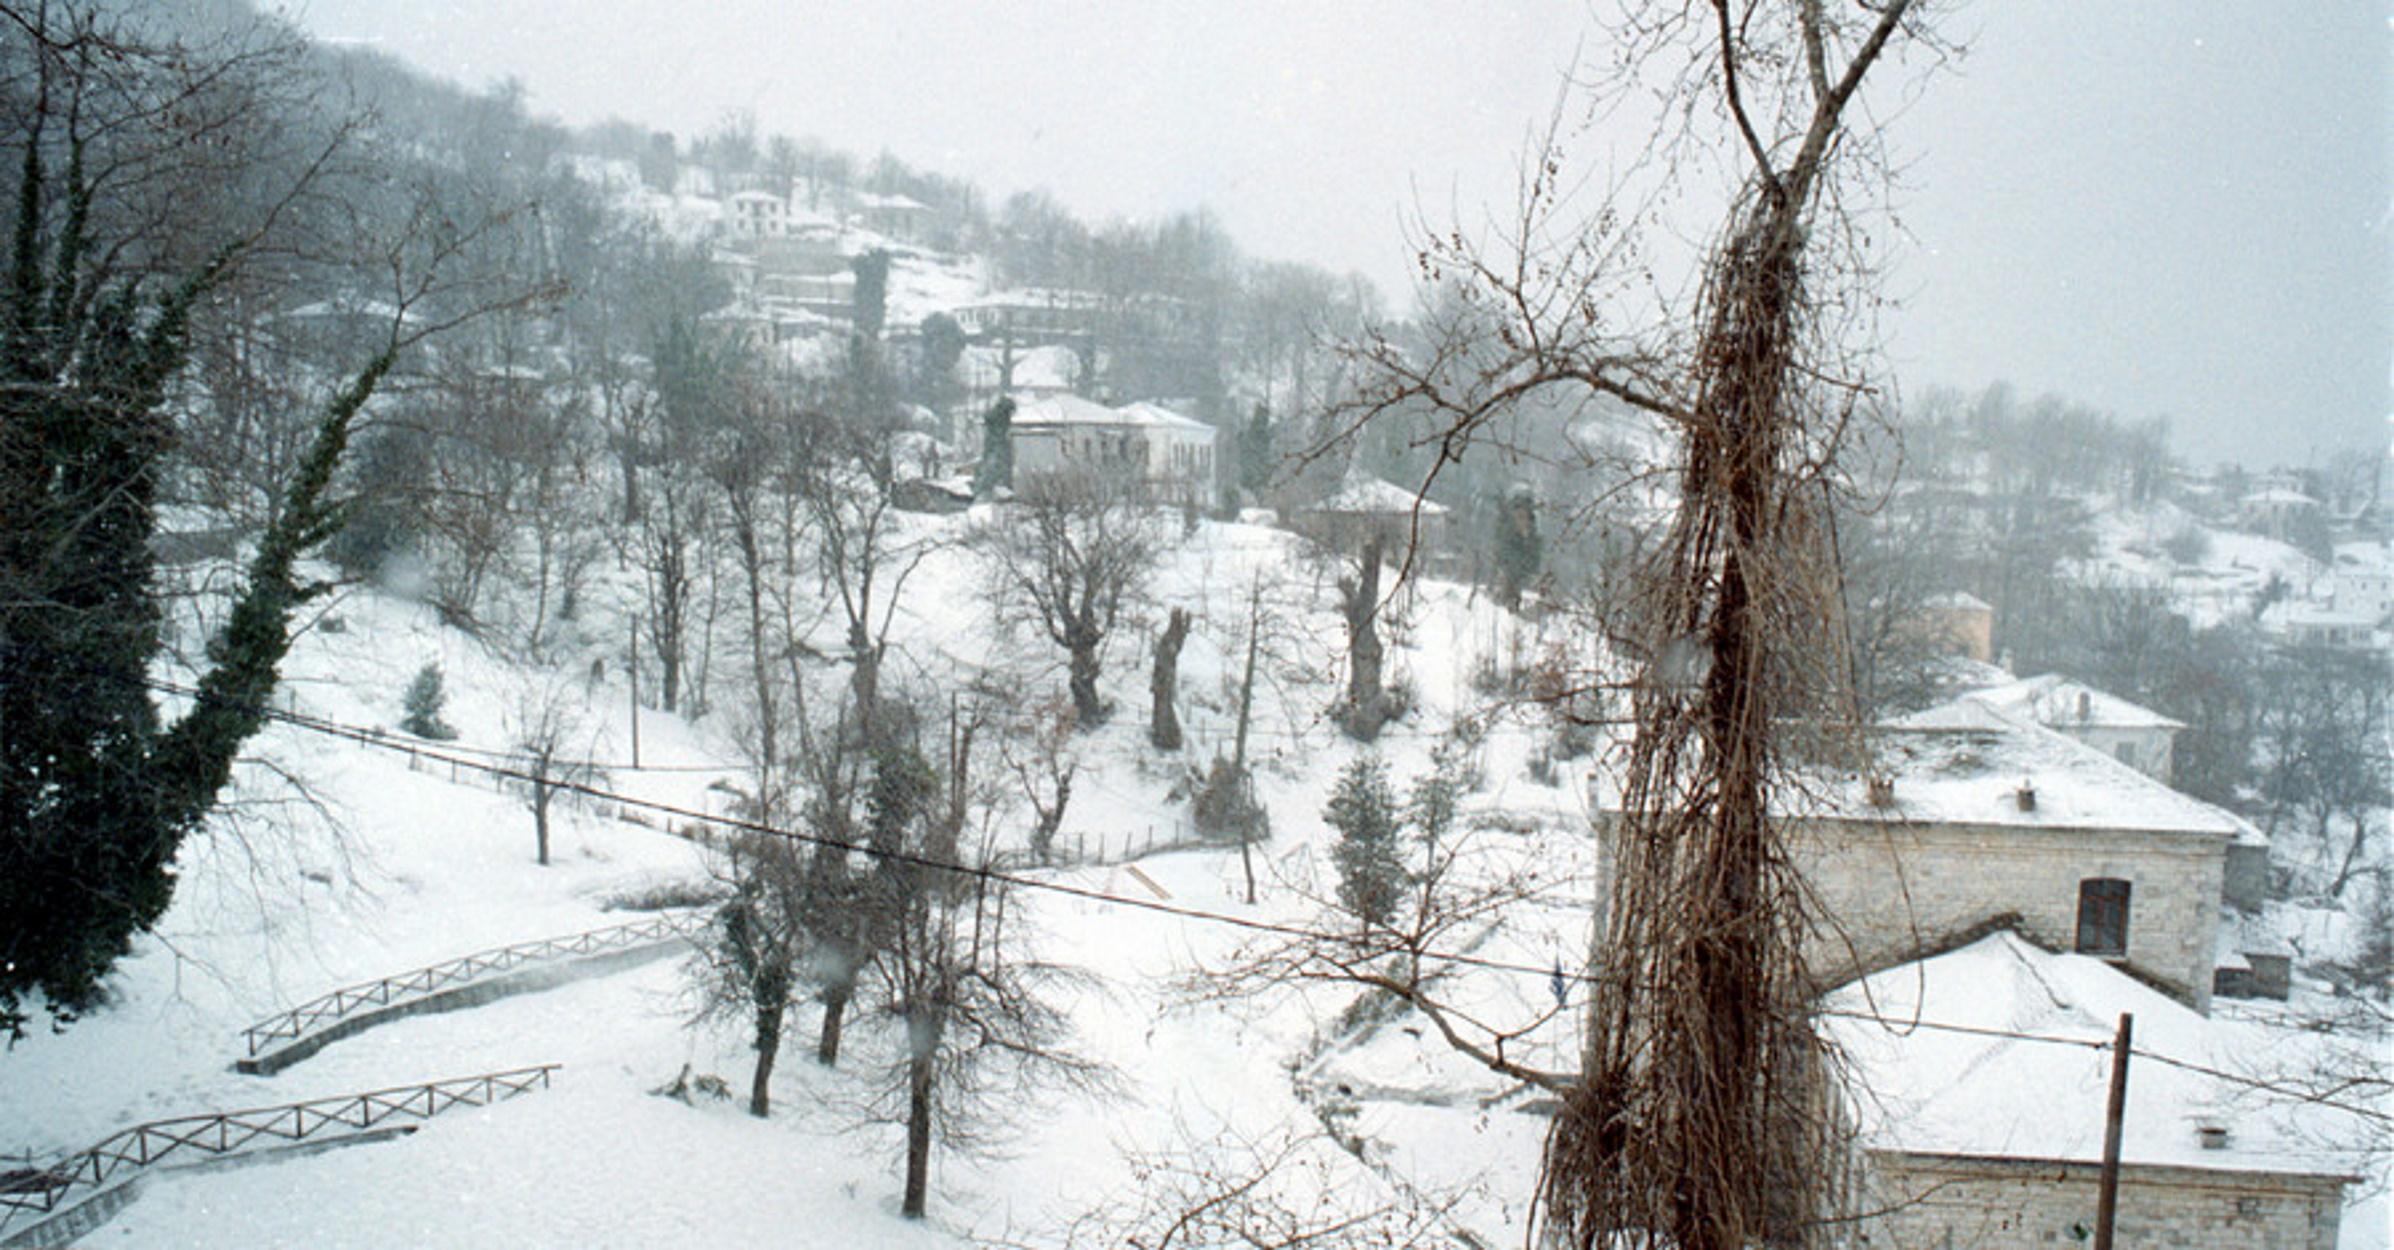 Καιρός – Μαγνησία: Προβλήματα σε Βόλο και Πήλιο – Έπεσε η θερμοκρασία στους – 9 βαθμούς Κελσίου